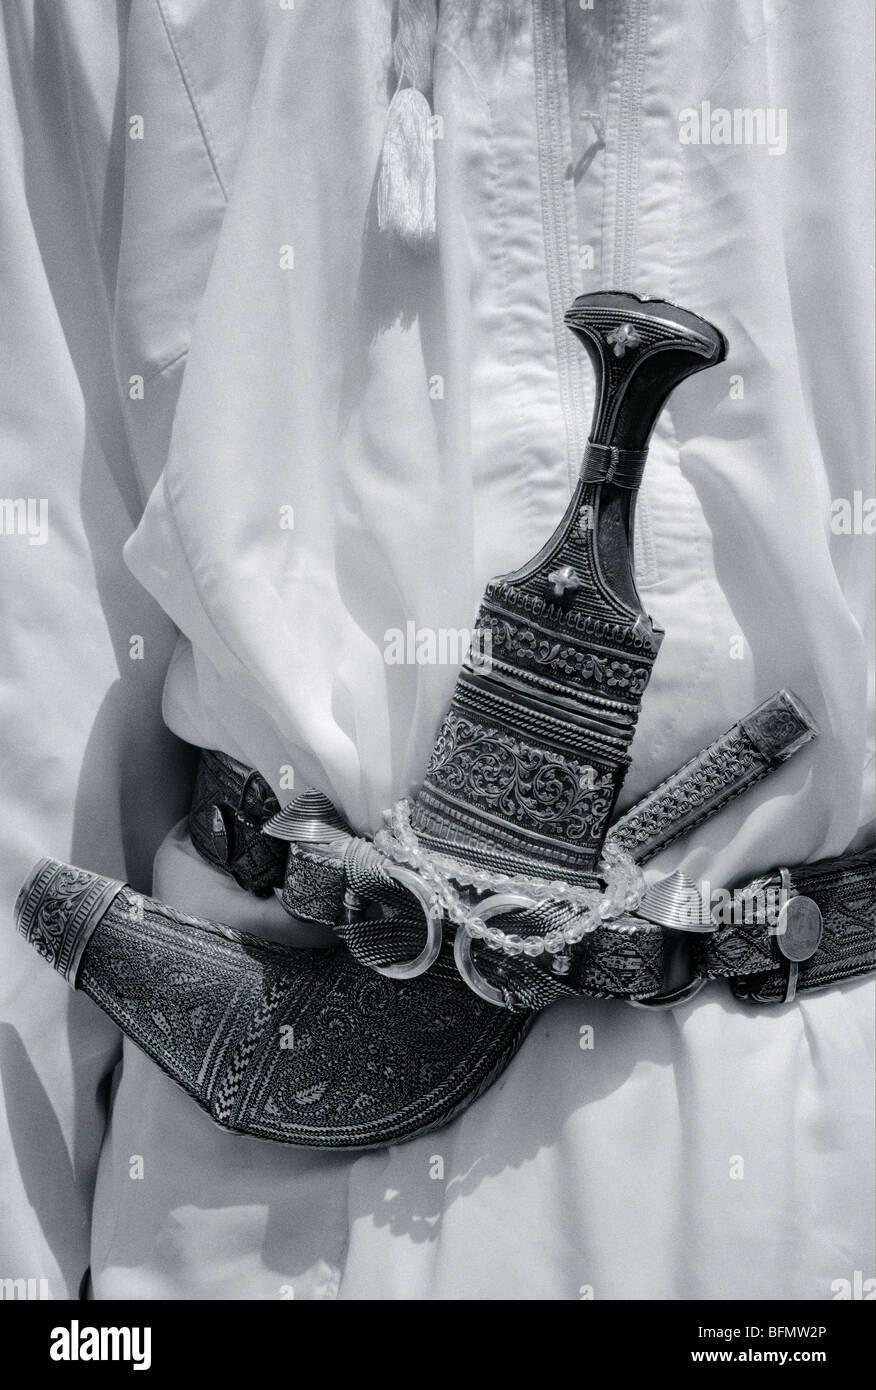 Oman. Dettaglio di un' ammenda khanjar o motivi decorativi pugnale portato da Omani uomini. Immagini Stock